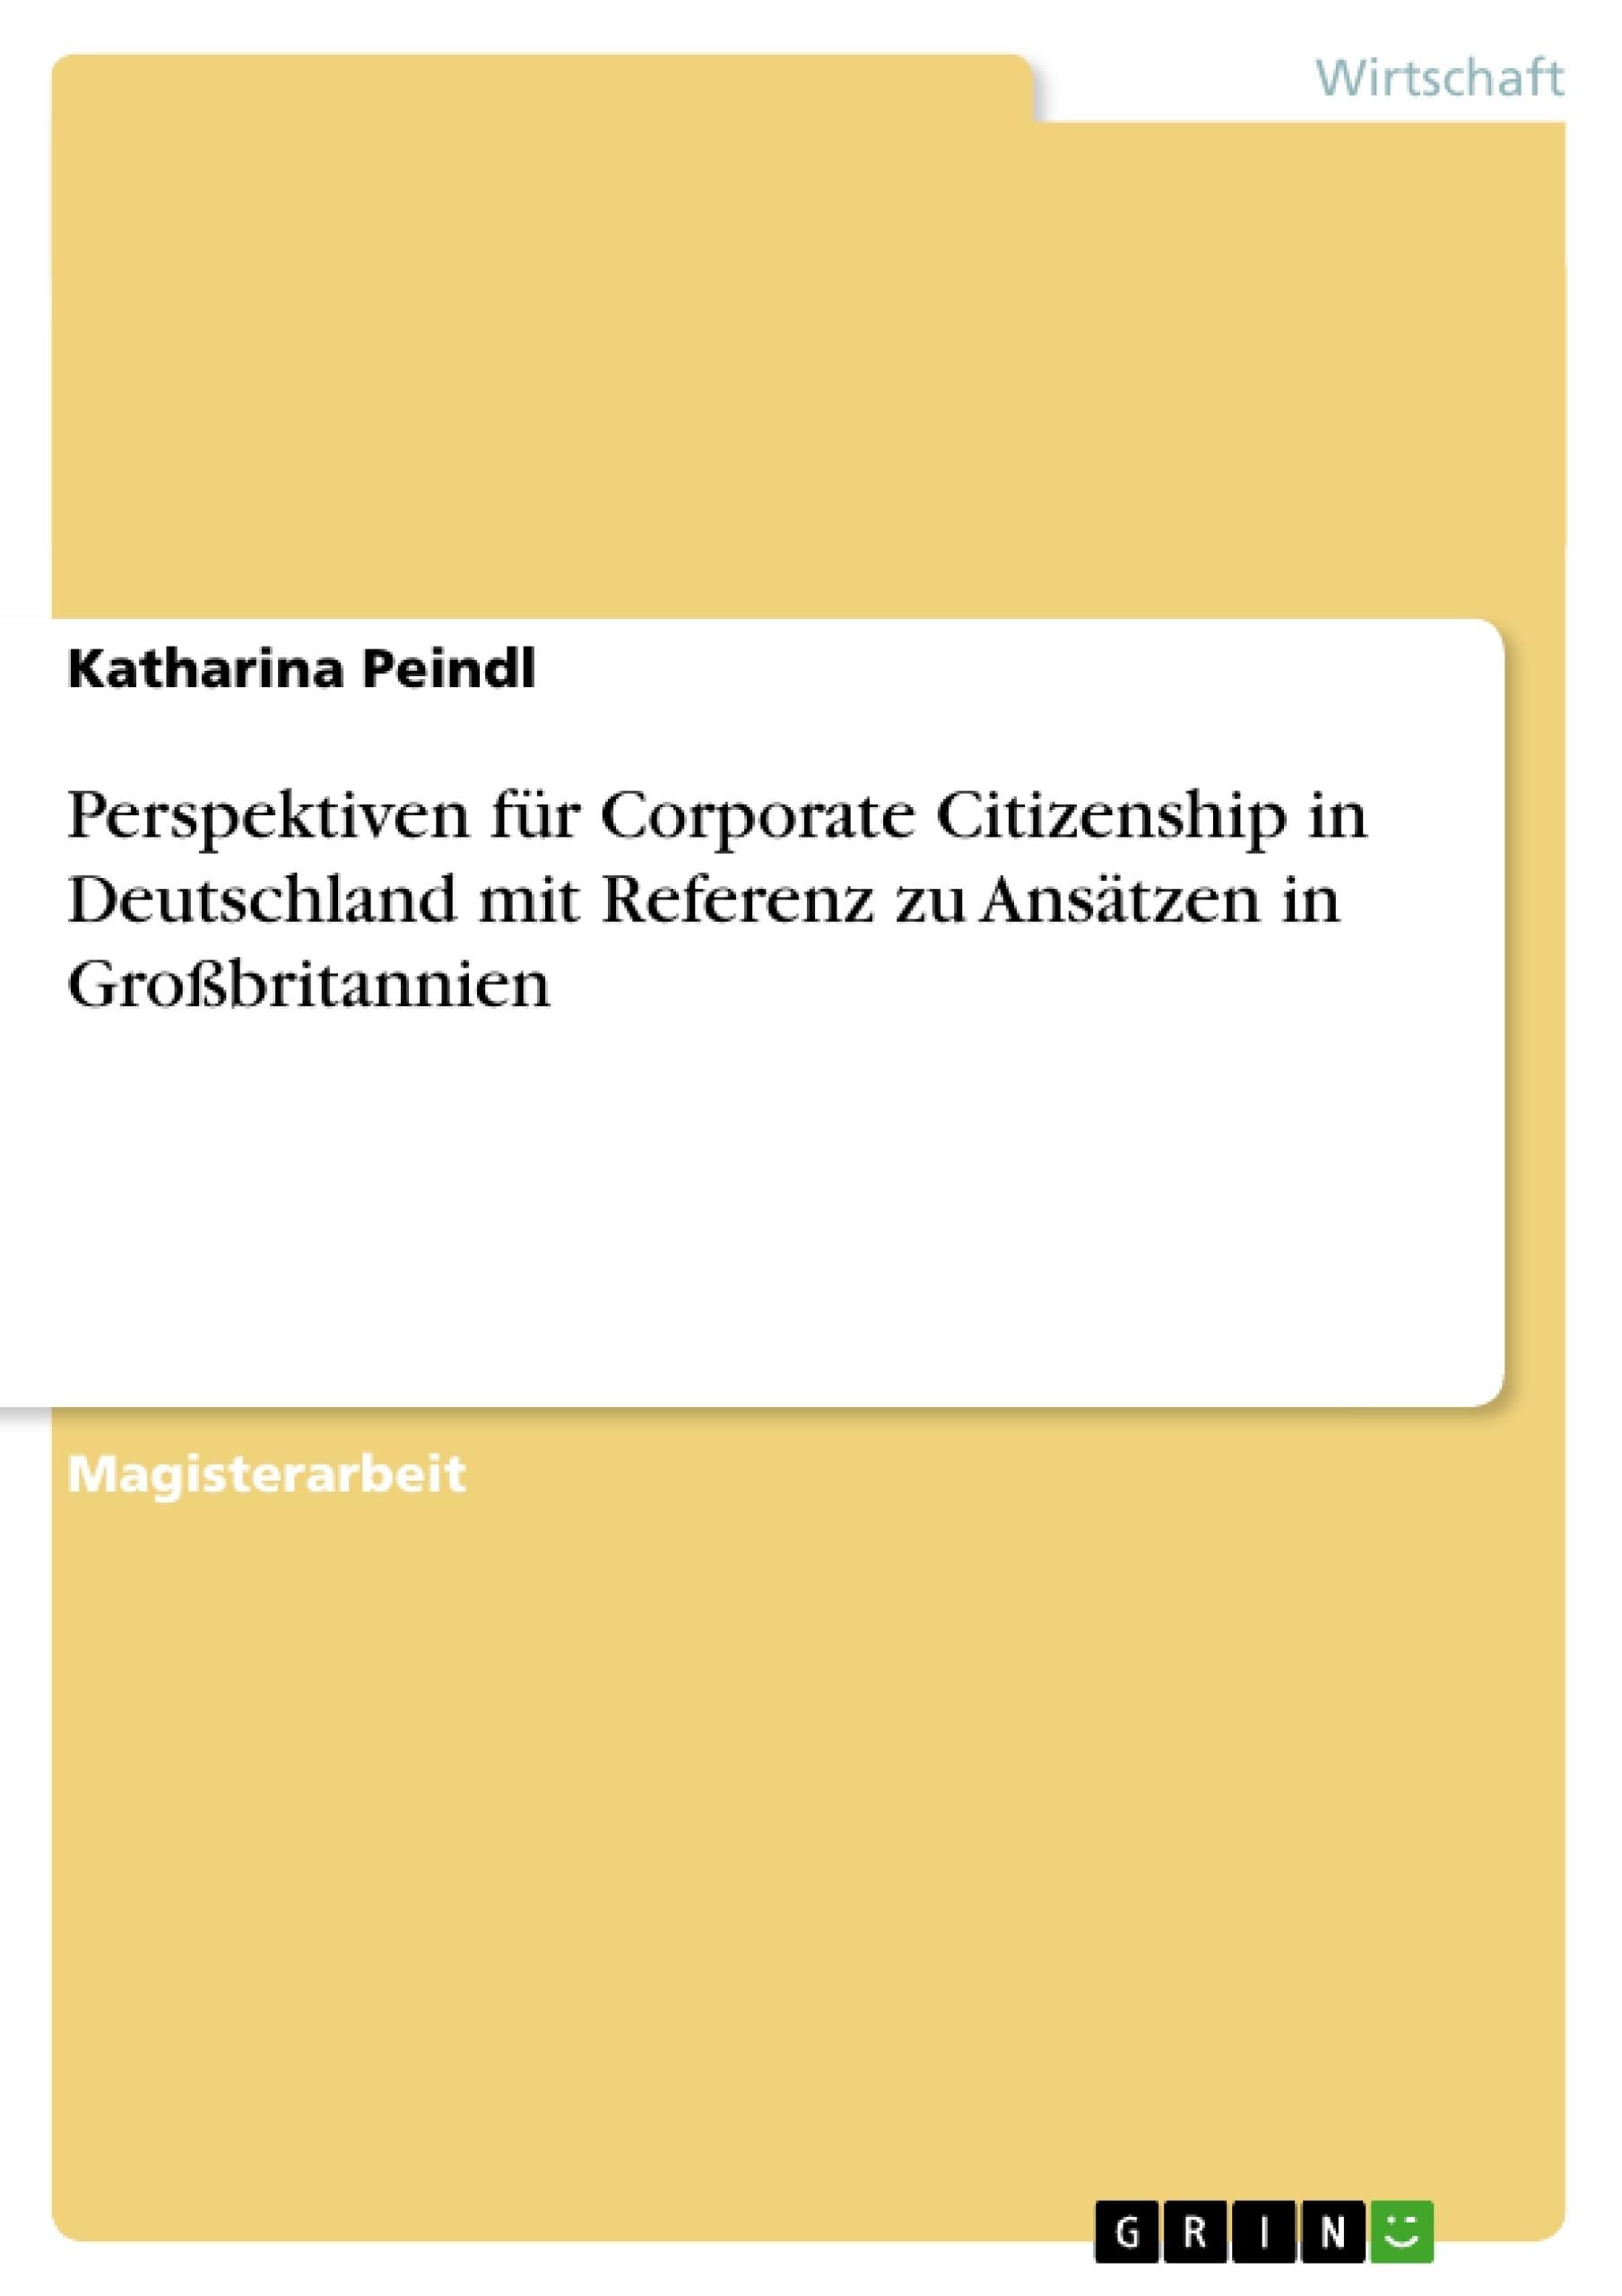 Titel: Perspektiven für Corporate Citizenship in Deutschland mit Referenz zu Ansätzen in Großbritannien